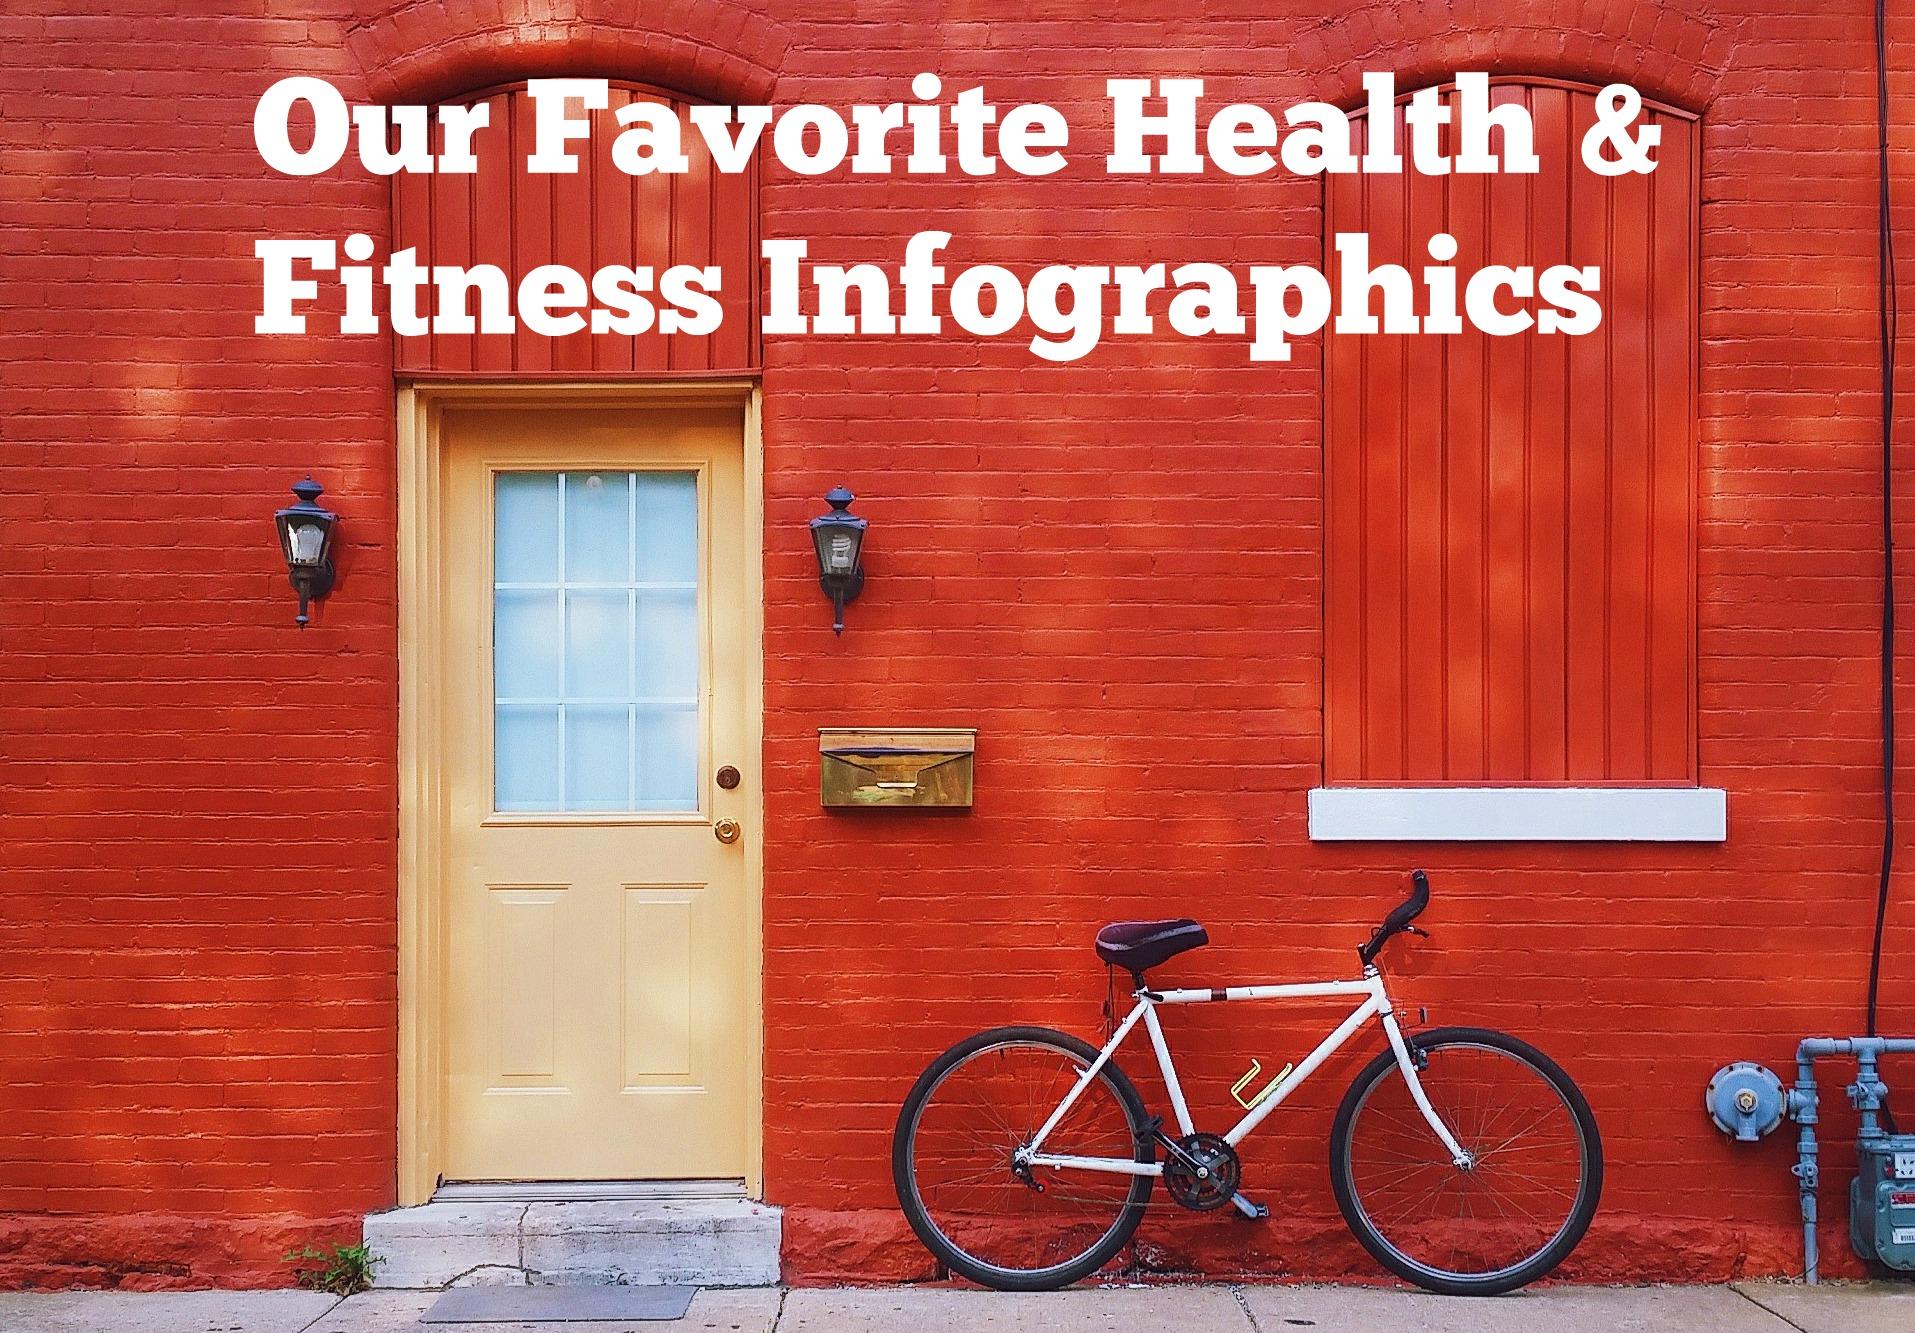 favoritehealthinfographics